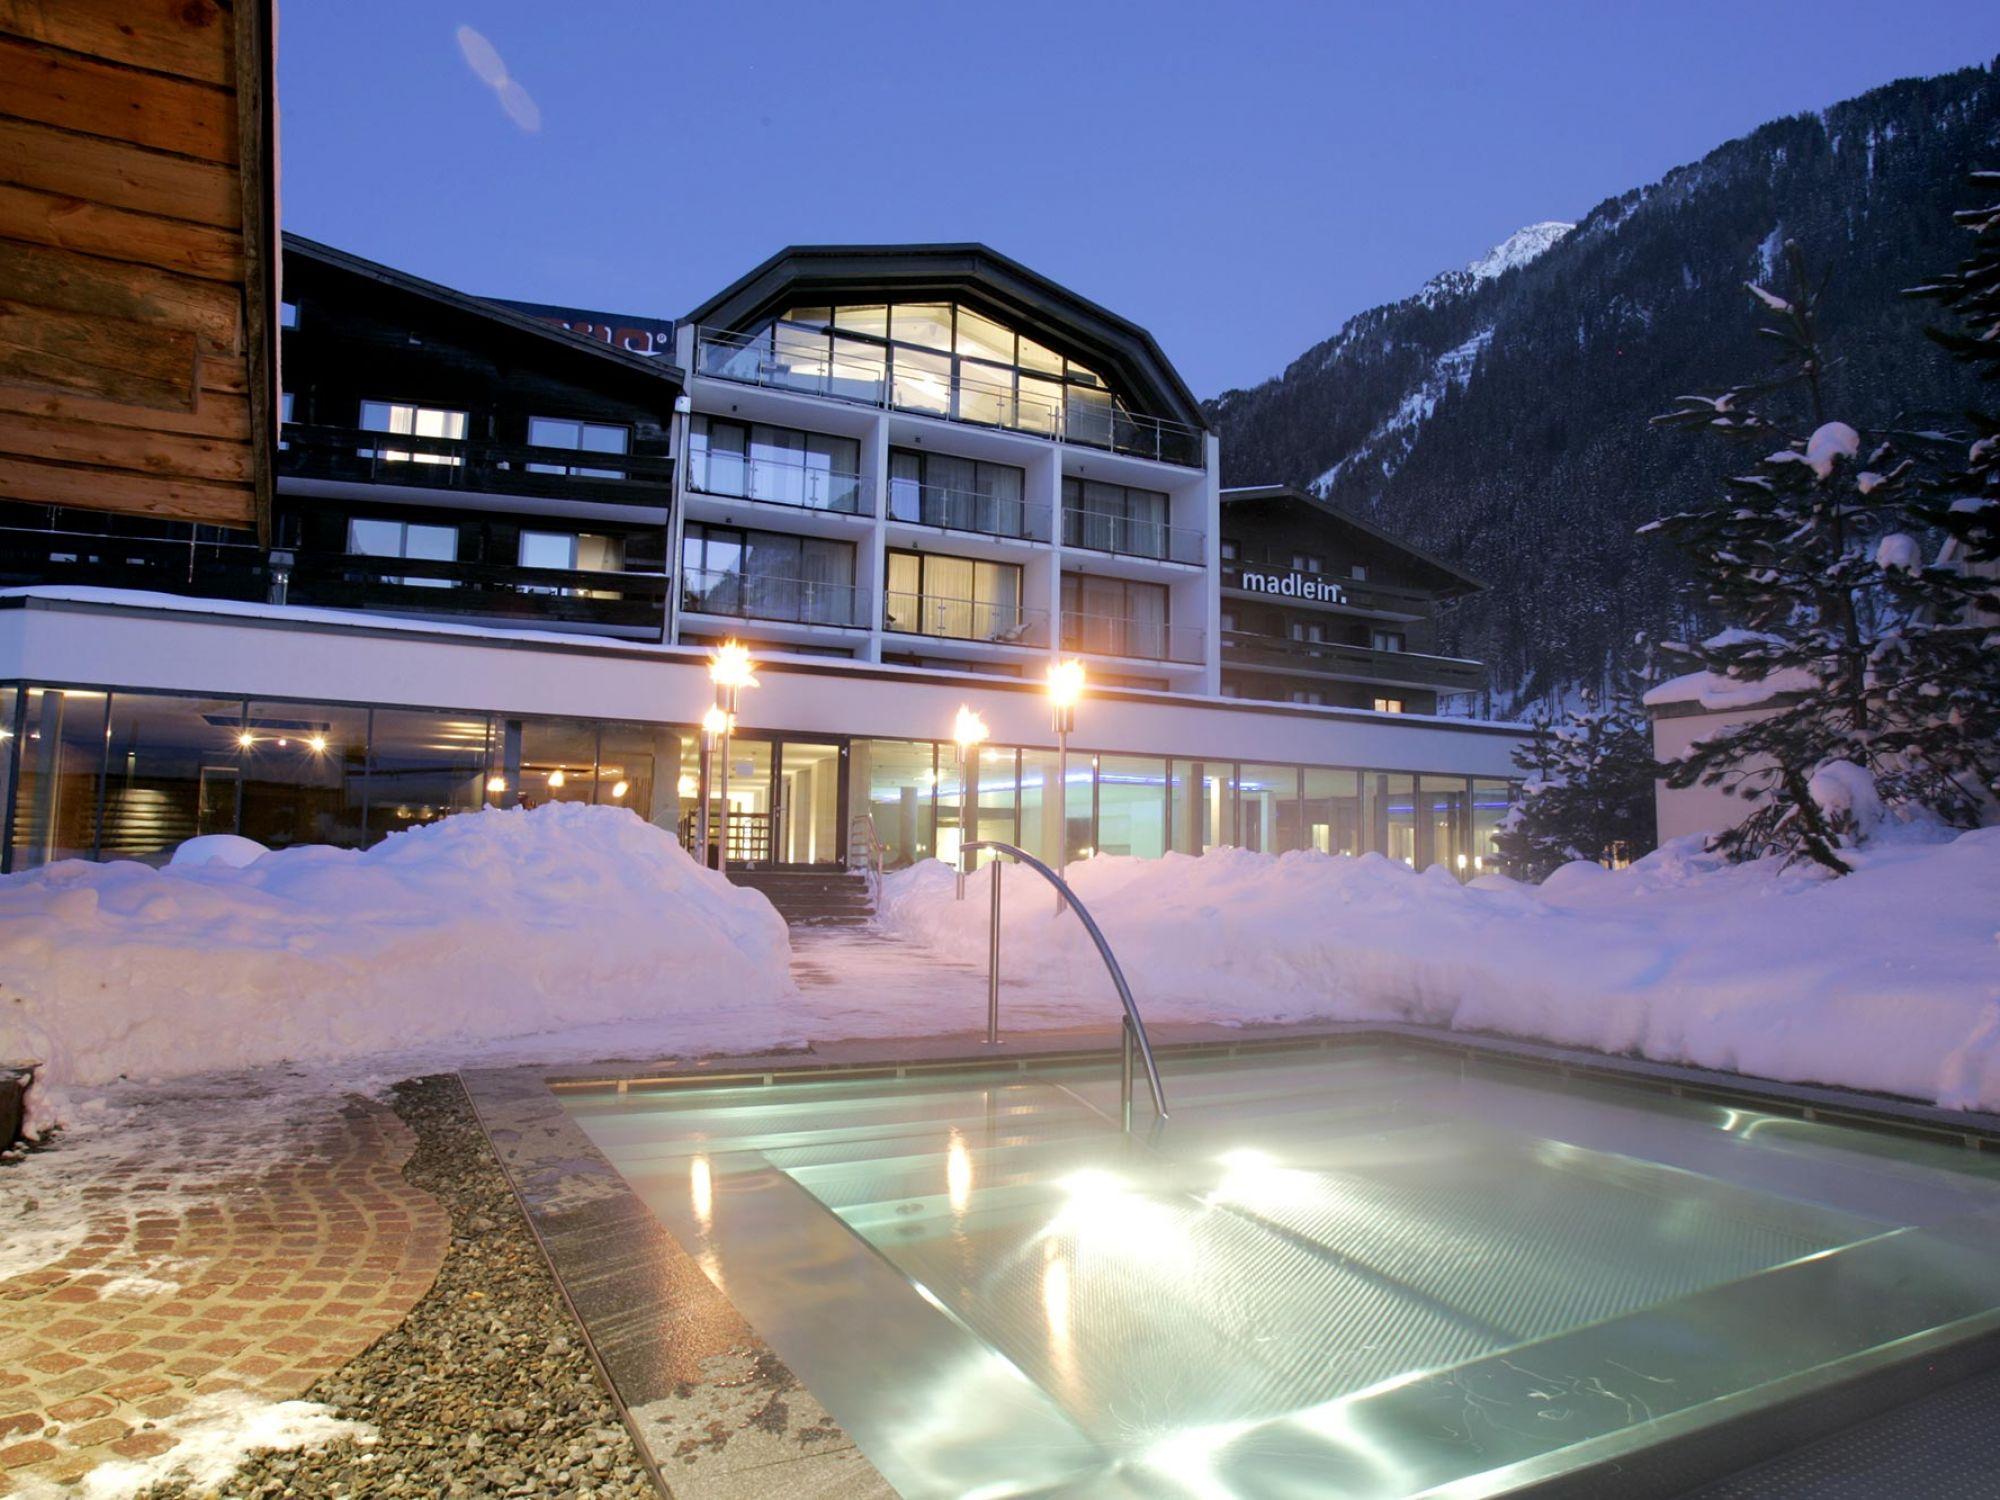 Ischgl Hotel Madlein